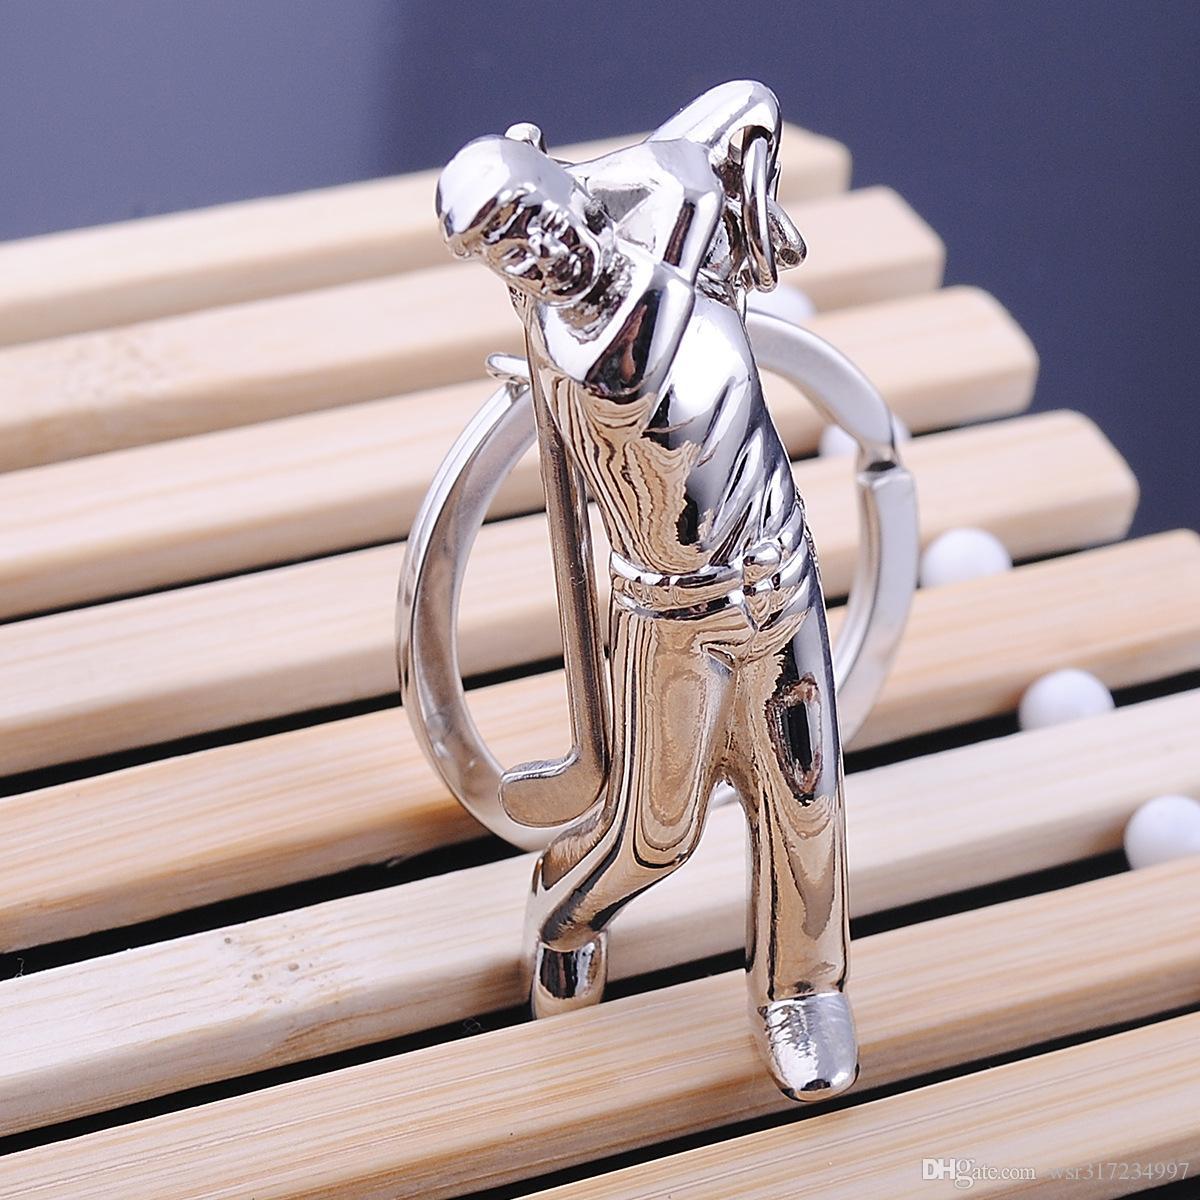 Nouveau Caming golf athlète porte-clés sport souvenir cadeau porte-clés pour les clés de voiture clé pendentif mode sportif porte-clés livraison gratuite